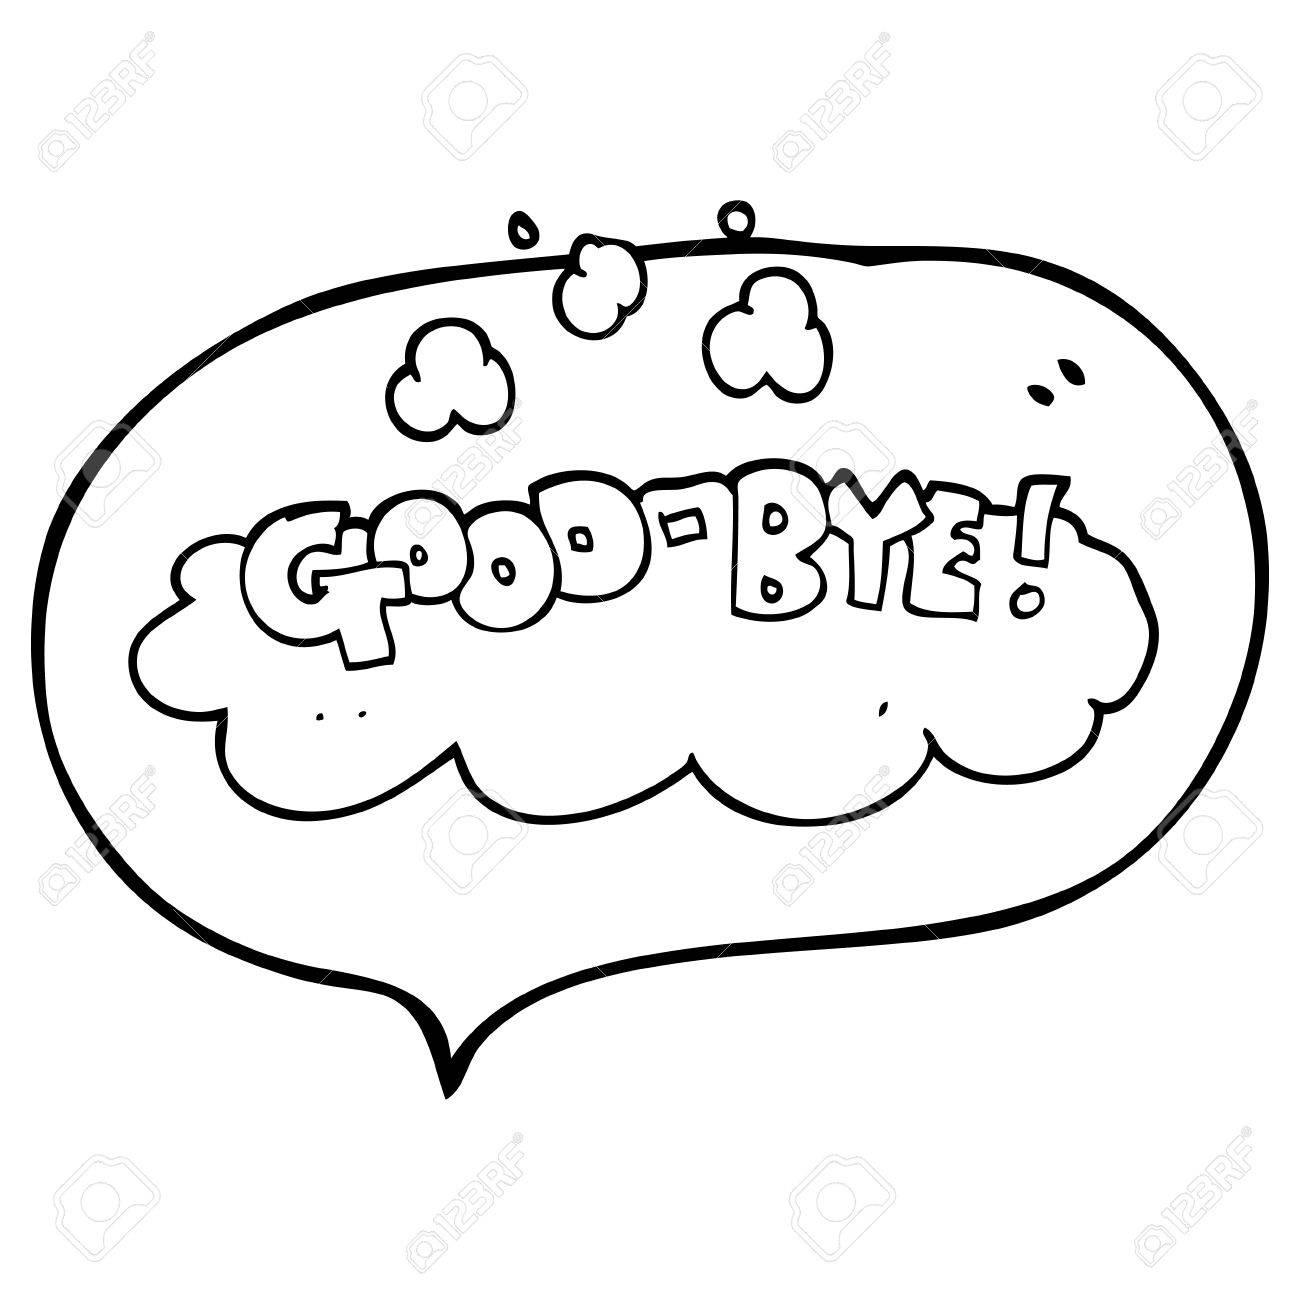 Dessin Au Revoir freehand discours dessiné dessin animé bulle symbole au revoir clip